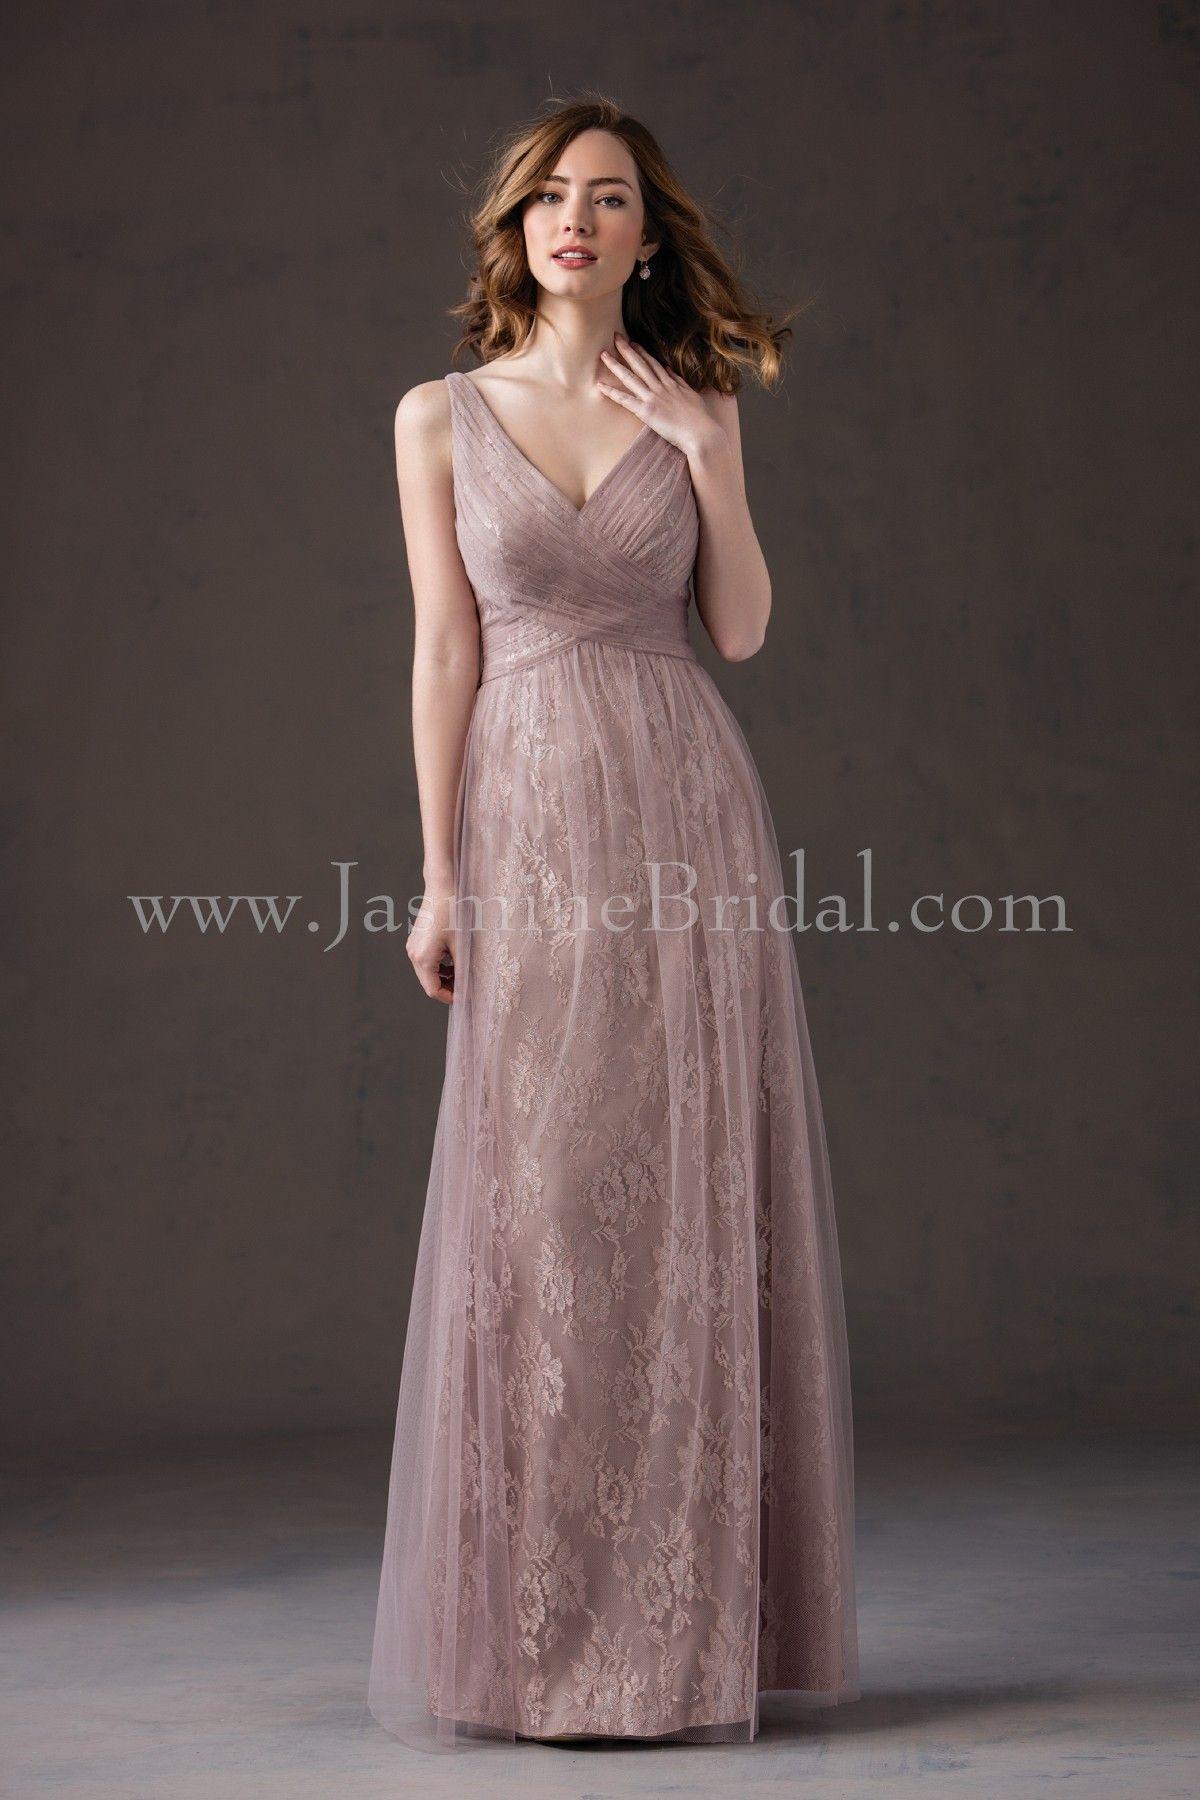 Jasmine bridal bridesmaid dress belsoie style l184066 in sandbar jasmine bridal bridesmaid dress belsoie style l184066 in sandbar ombrellifo Images